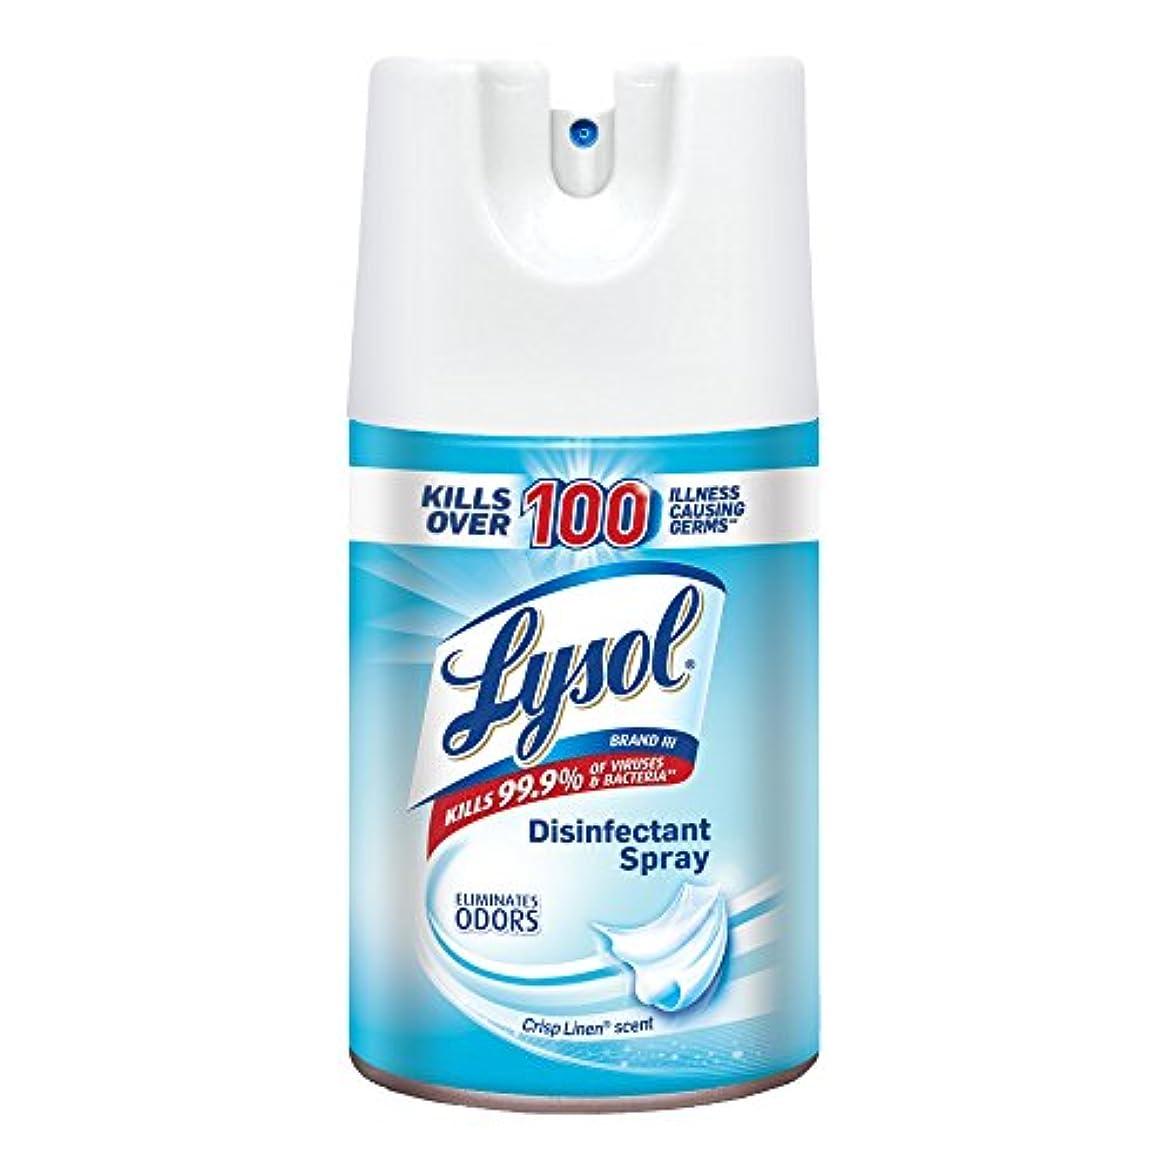 モールス信号粘着性記念Lysol Spray Lysol消毒スプレー、クリスプリネン、84Oz(12X7Oz)